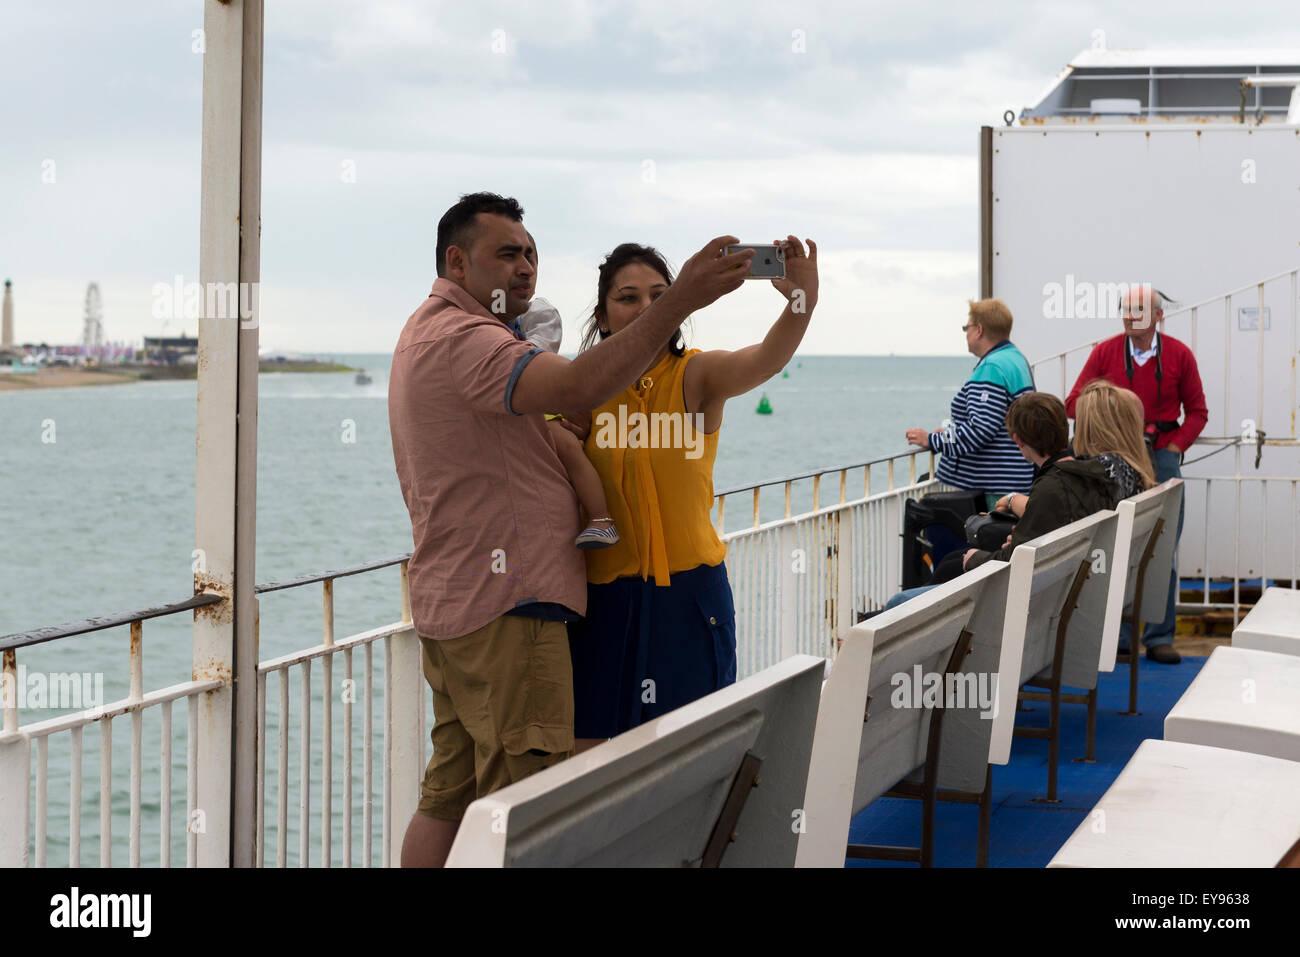 Giovane per la coppia di mezza età su ferry boat holding baby utilizzando un iphone per scattare una famiglia Immagini Stock